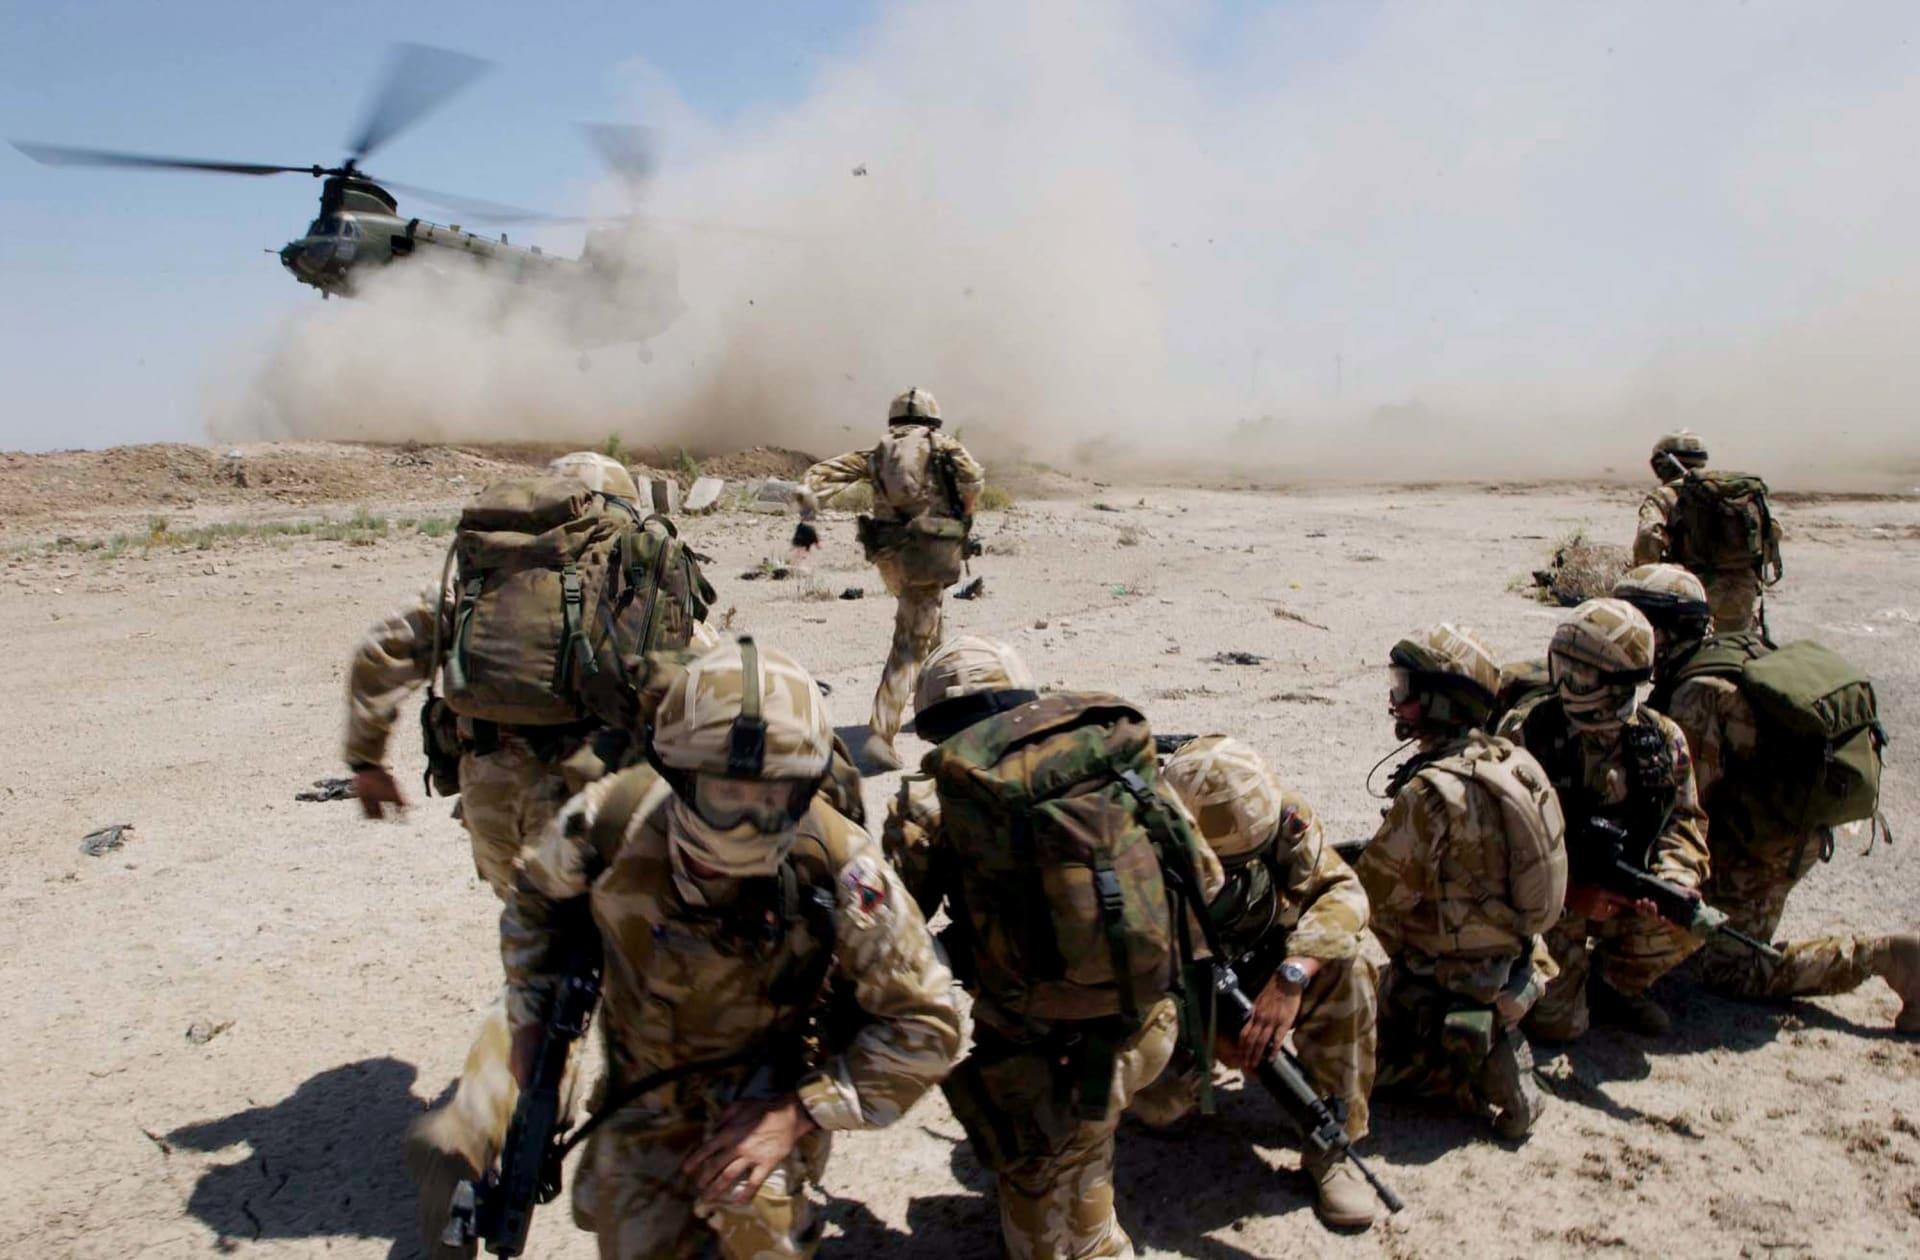 منظمة: بريطانيا أخفقت أو تجاهلت مسؤولية القادة بحرب العراق